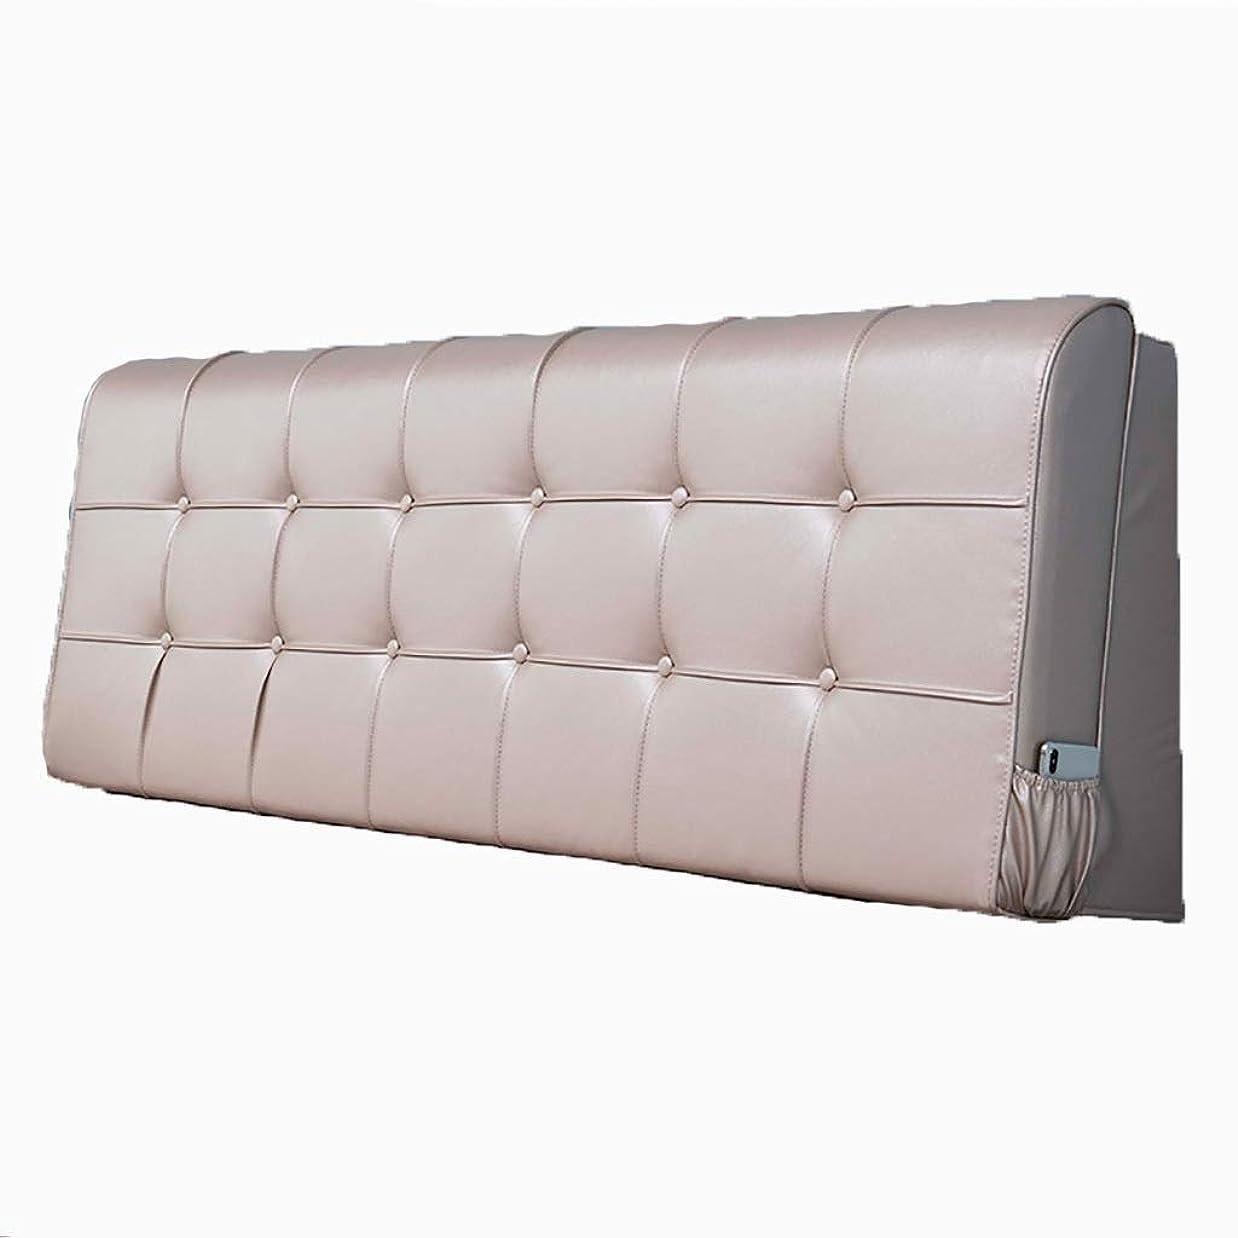 ライター磁気可能性ベッド枕 クッションバック畳ヘッドボードソフトパックダブルラージバッククッションベッドカバー取り外し可能&洗えるシアー生地スポンジフィラーサイドポケットデザイン6色 写真ベッド枕首まくら (色 : D, サイズ さいず : 160cm)